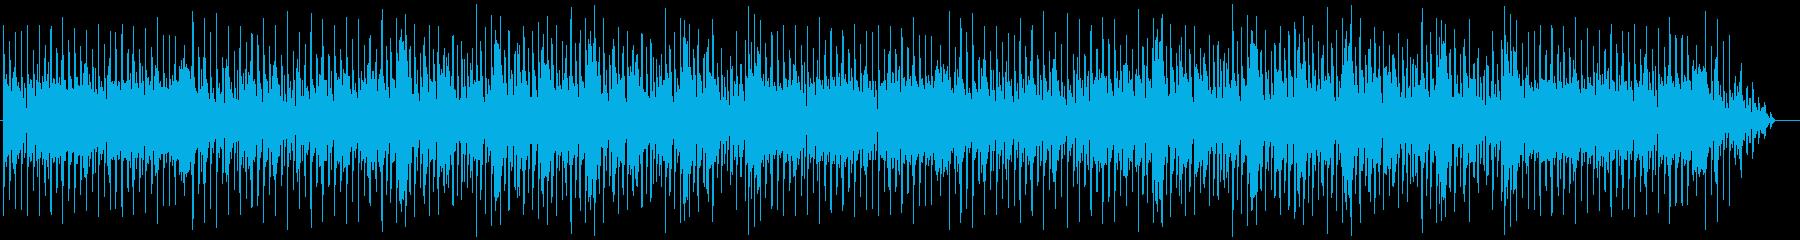 80年代PCゲーム風FM音源BGMの再生済みの波形